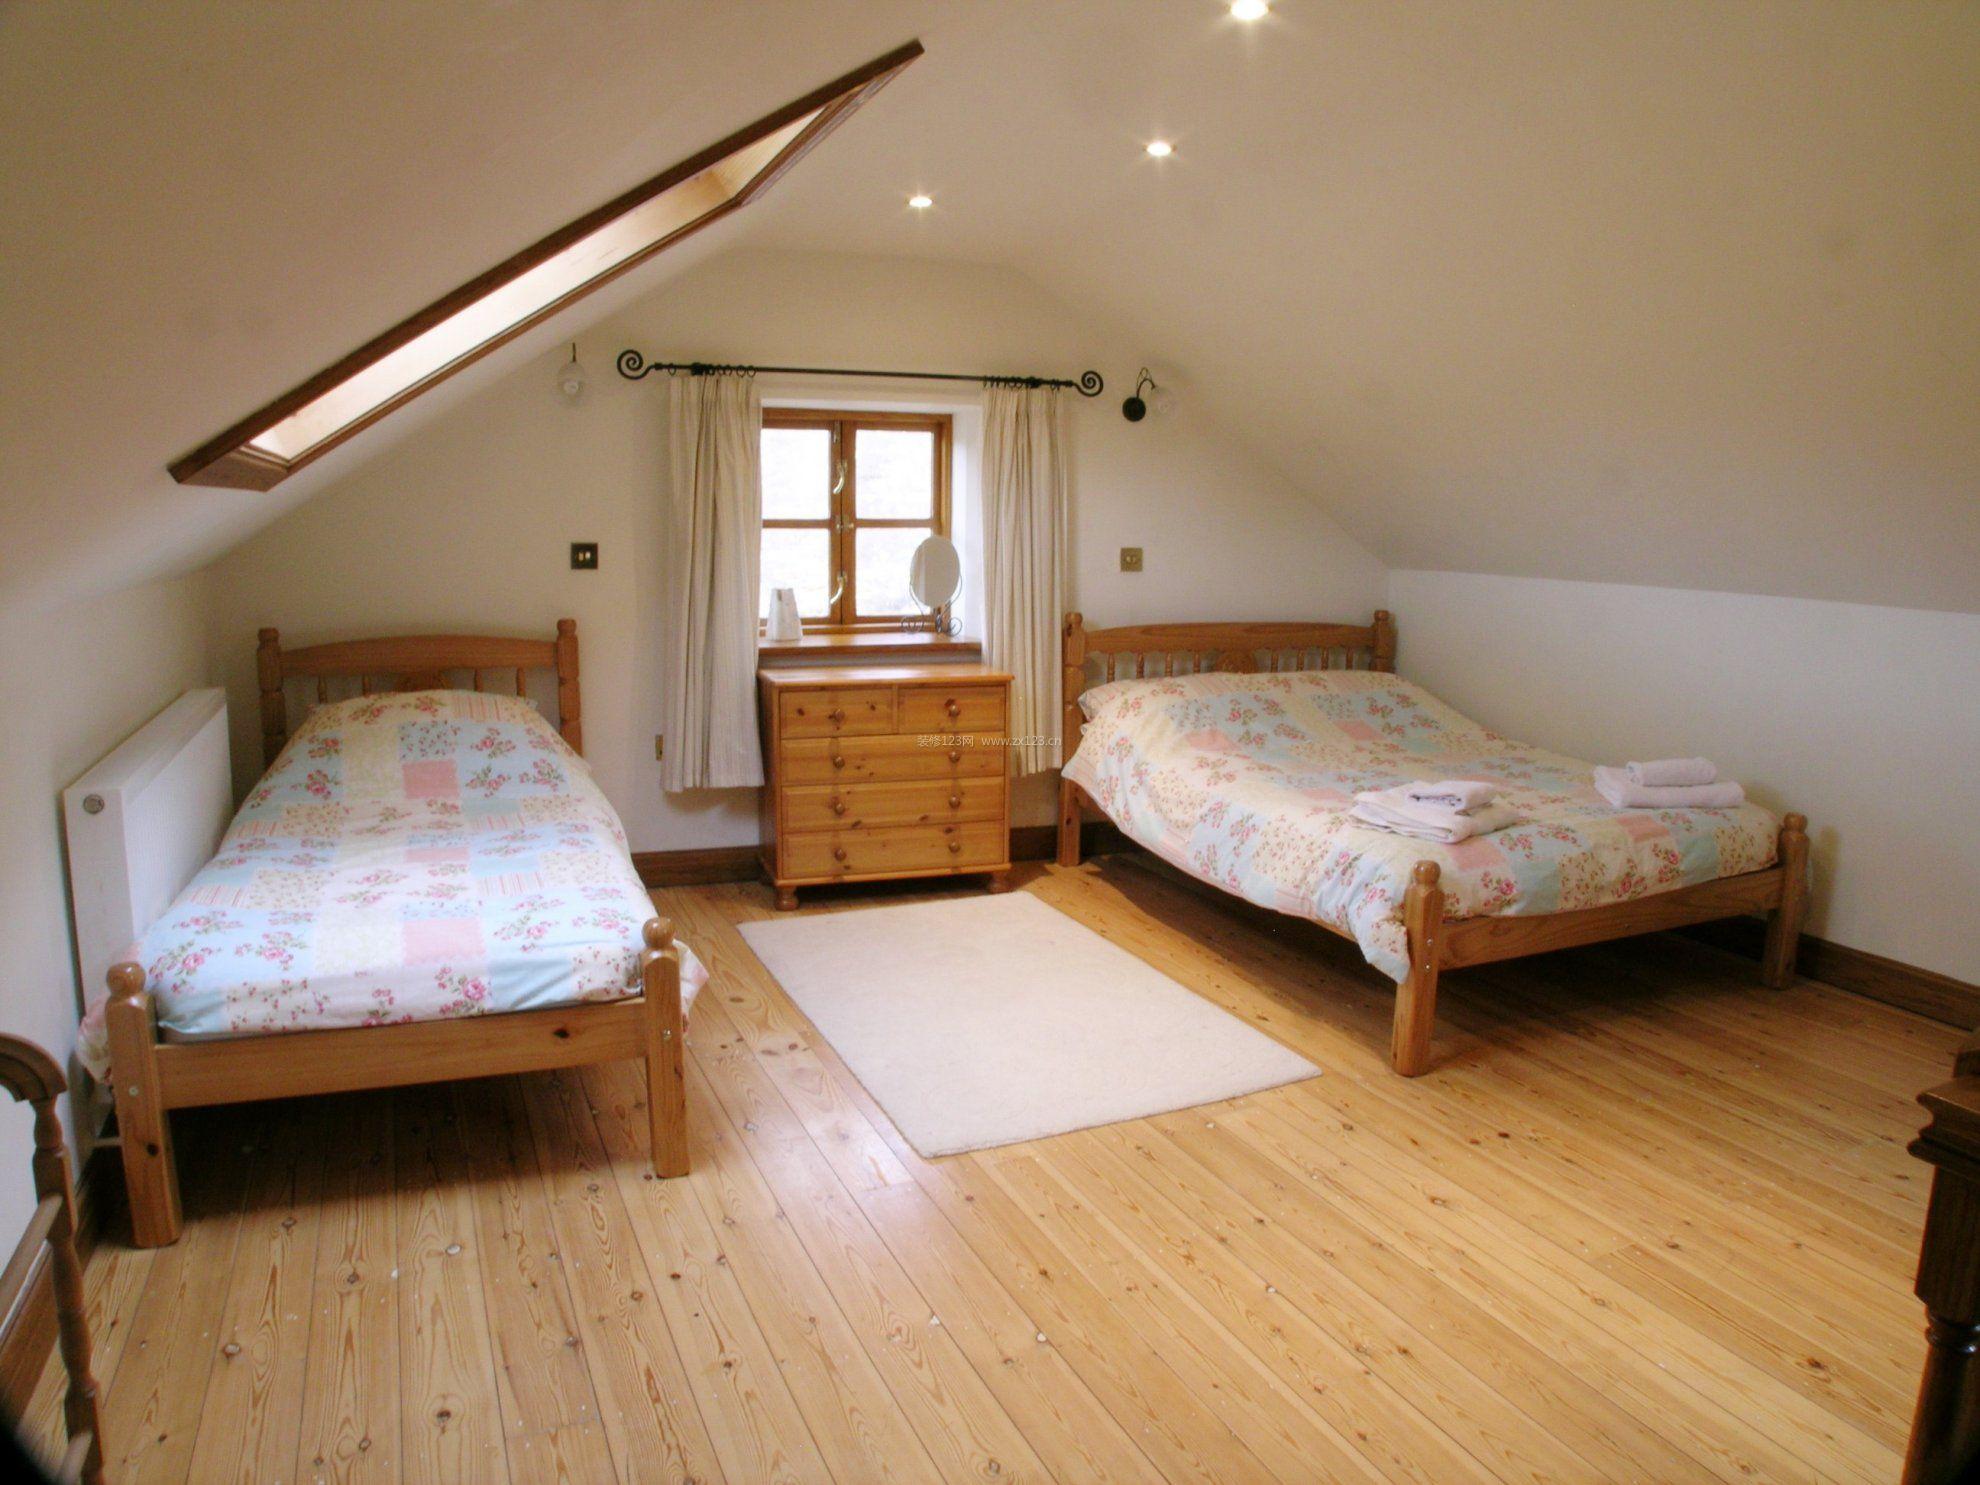 浅驼色的墙面和浅黄色的木地板,什么颜色沙发好搭配